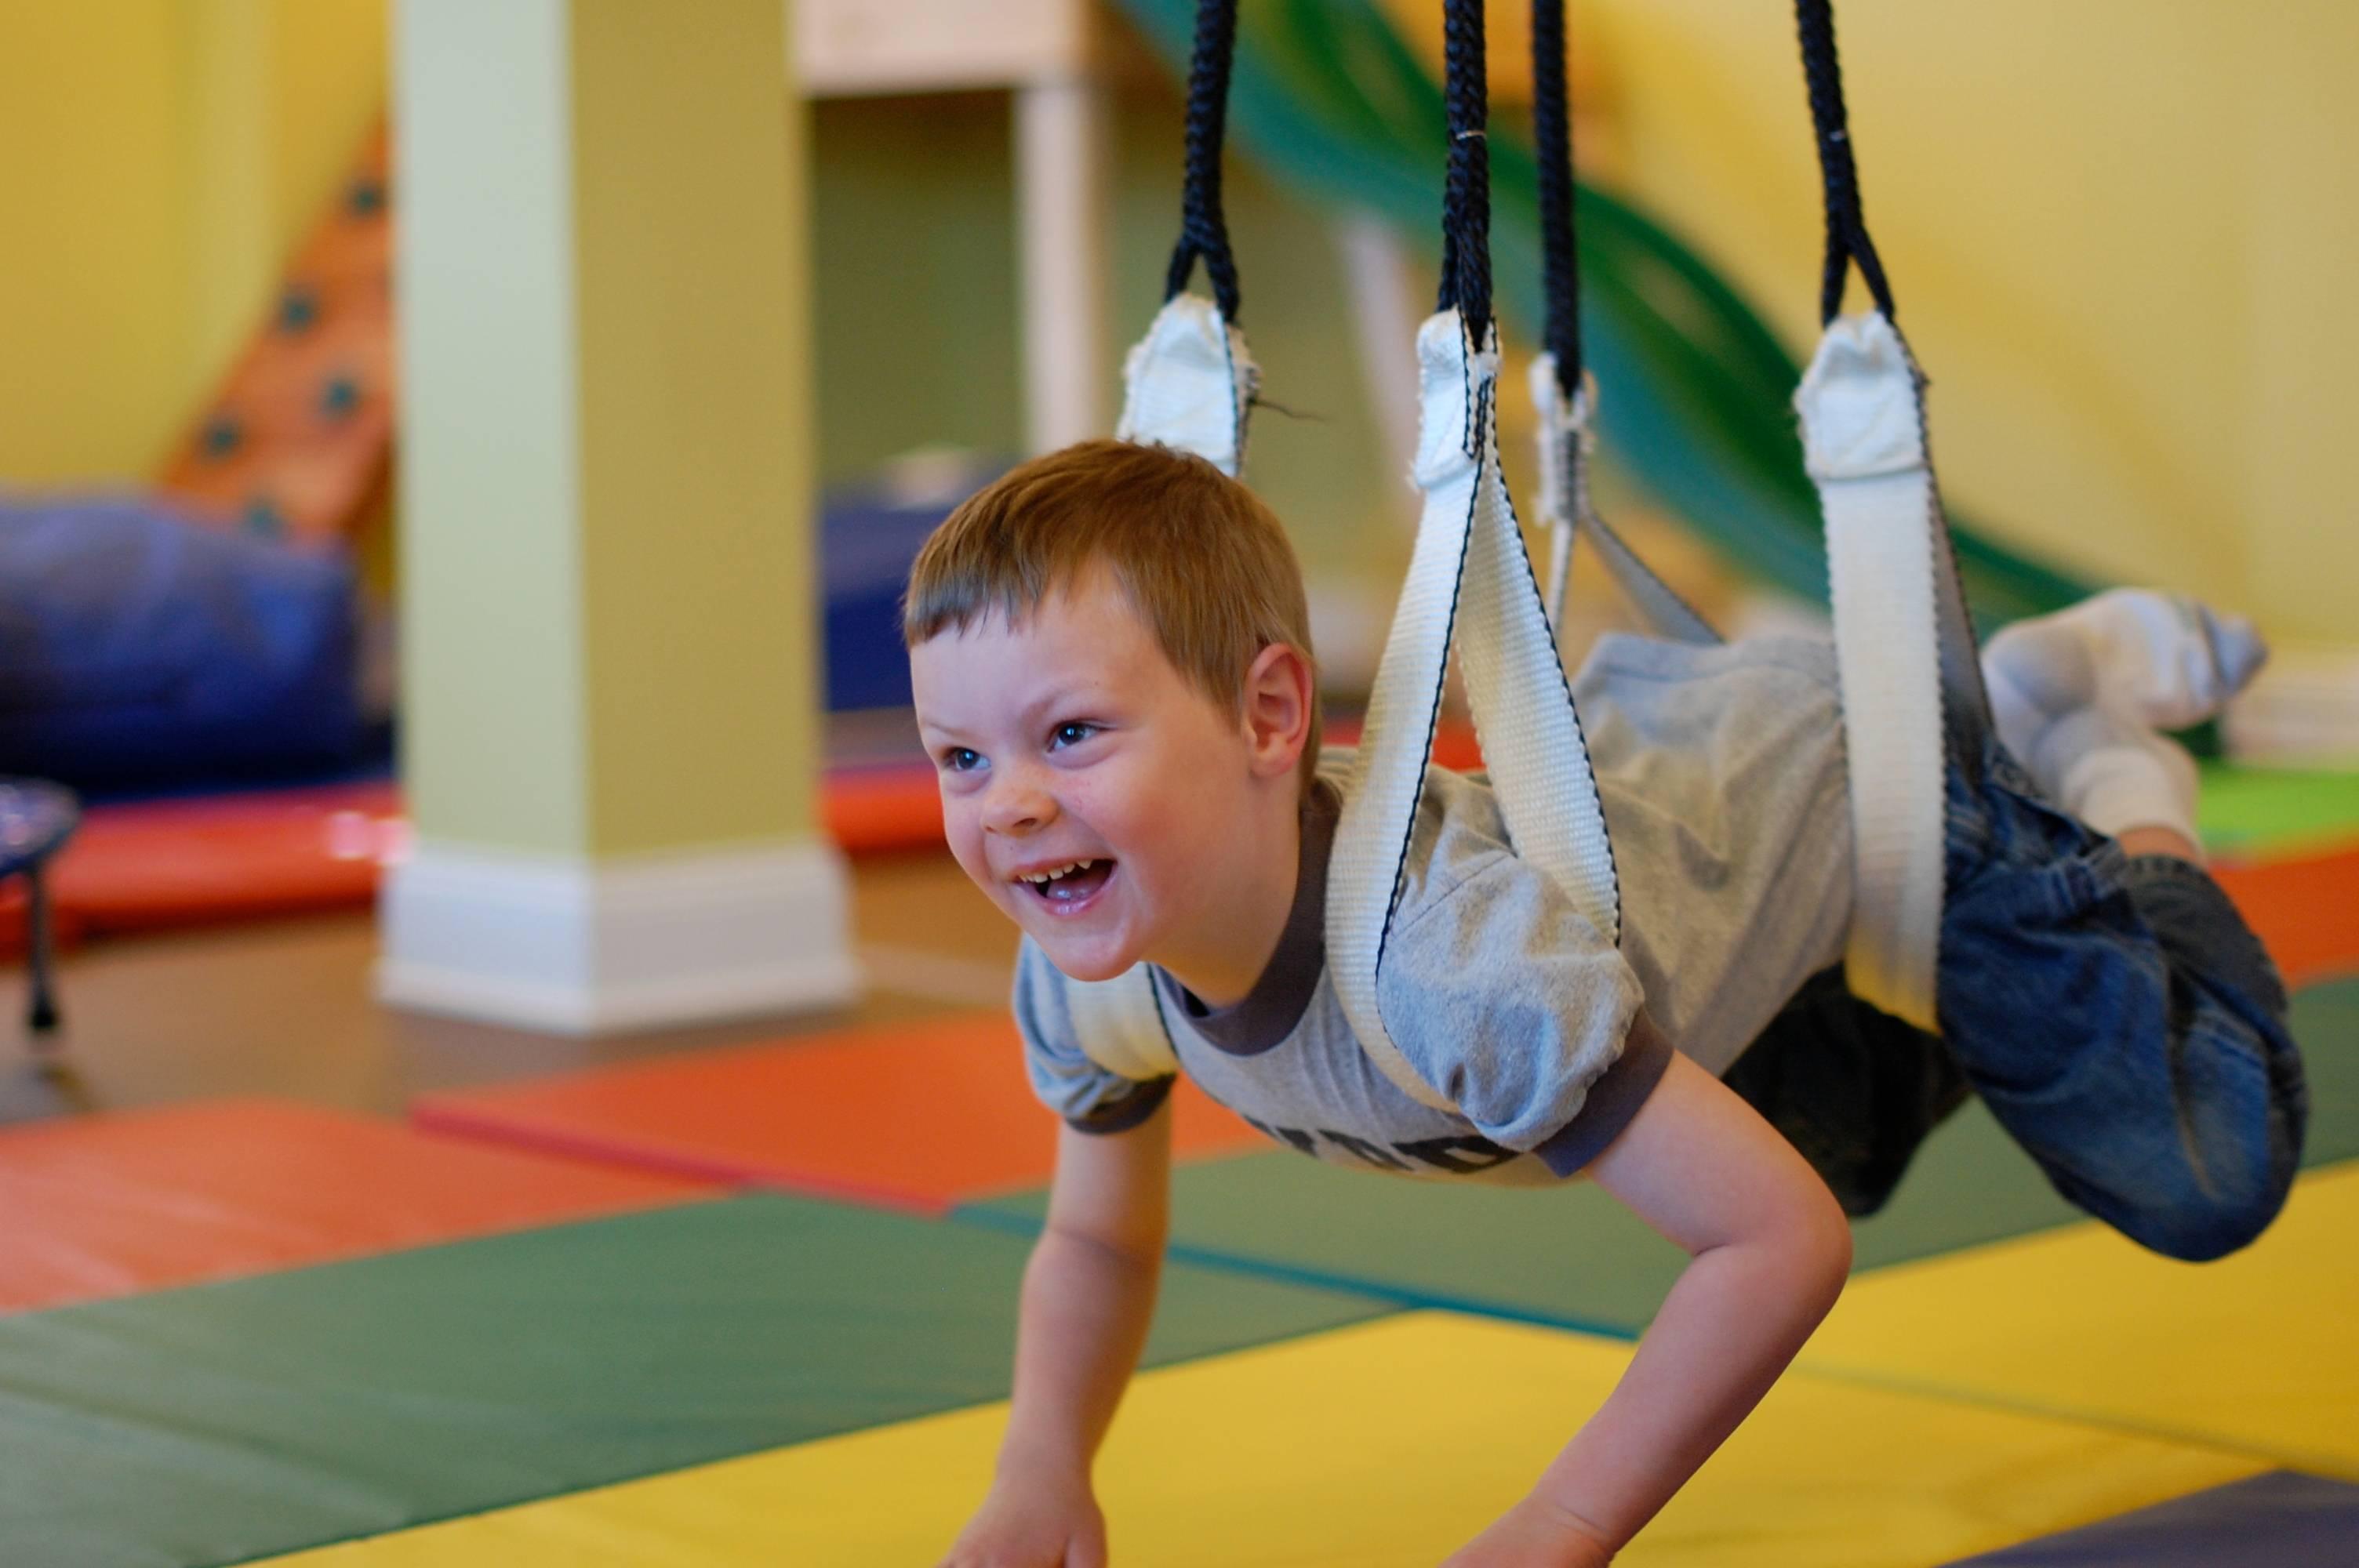 Сенсорная интеграция – цель, метод, занятия, применение, обучение, нарушения, дисфункция у детей